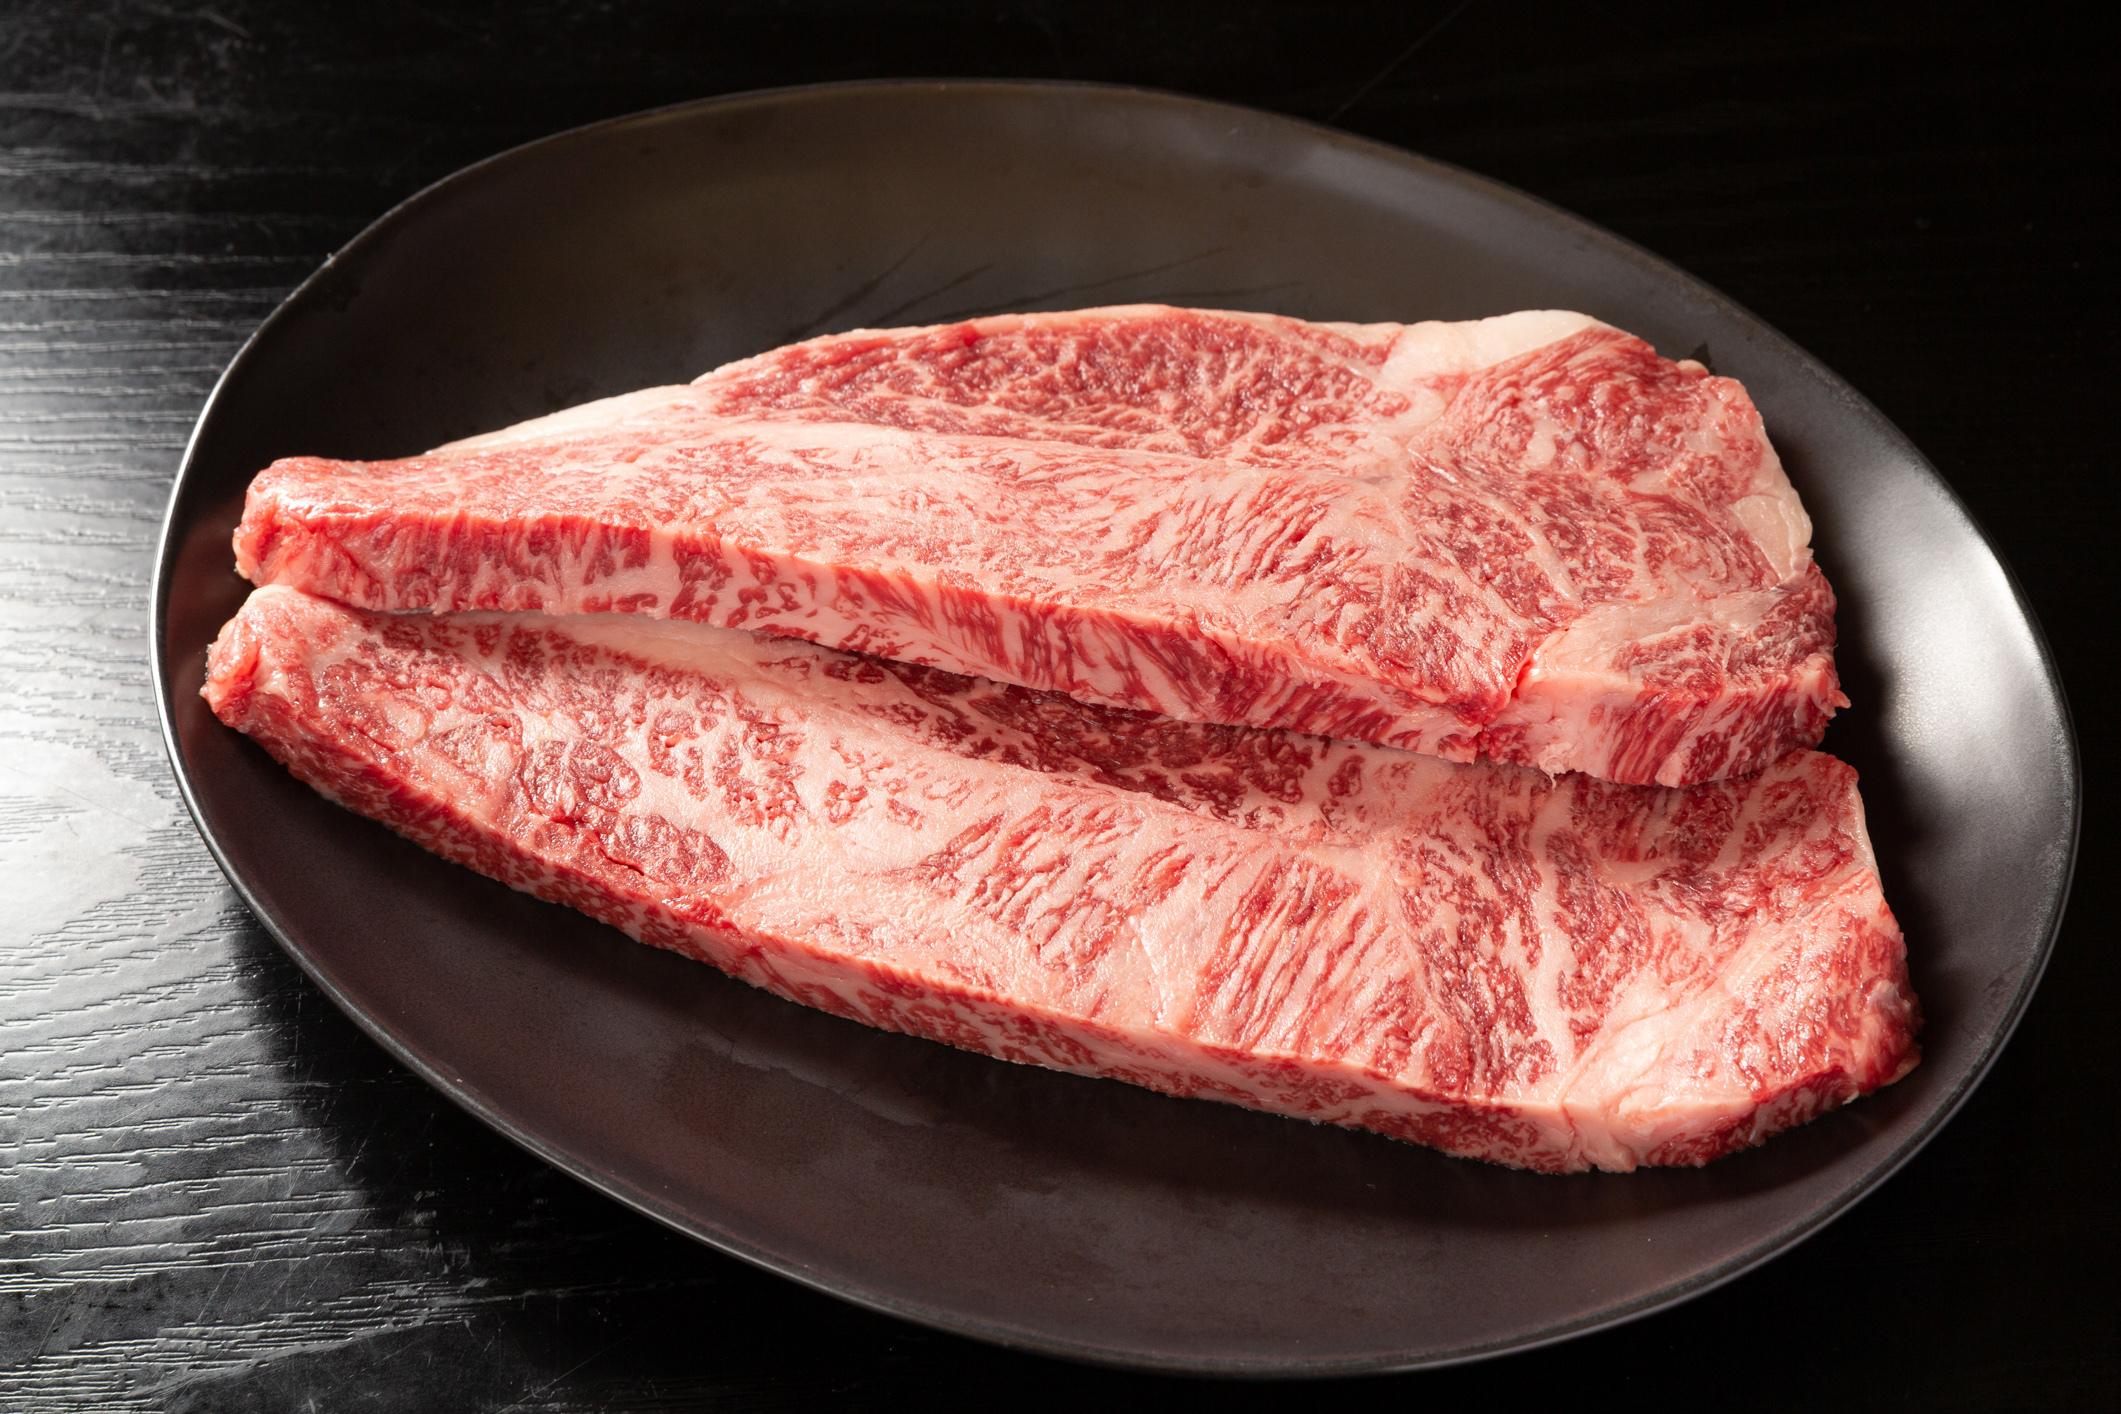 【雪降り和牛】極上サーロインステーキ 5人前 200g×5枚 山形牛 A4-5ランク